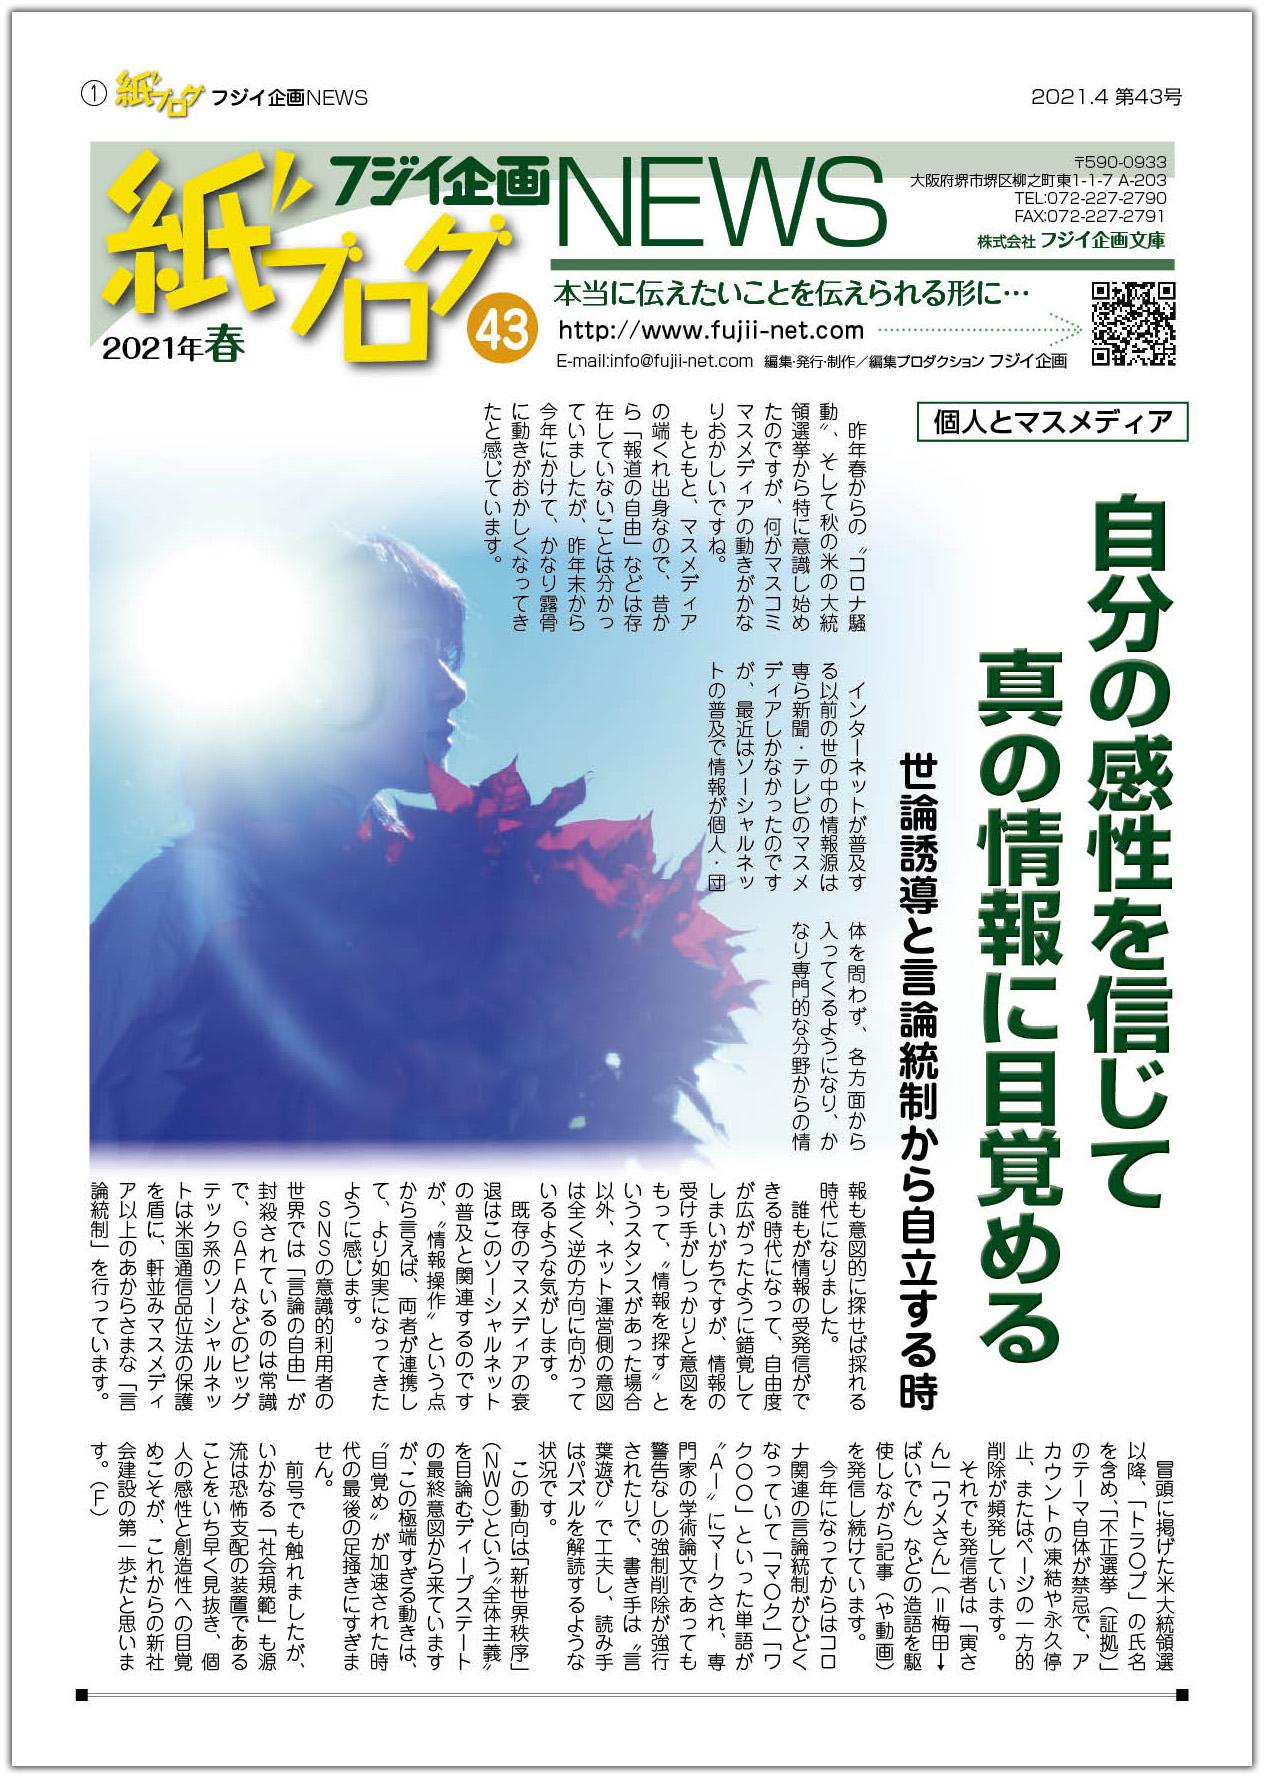 フジイ企画の社報『紙ブログ』2021春号(第43号)ができました!